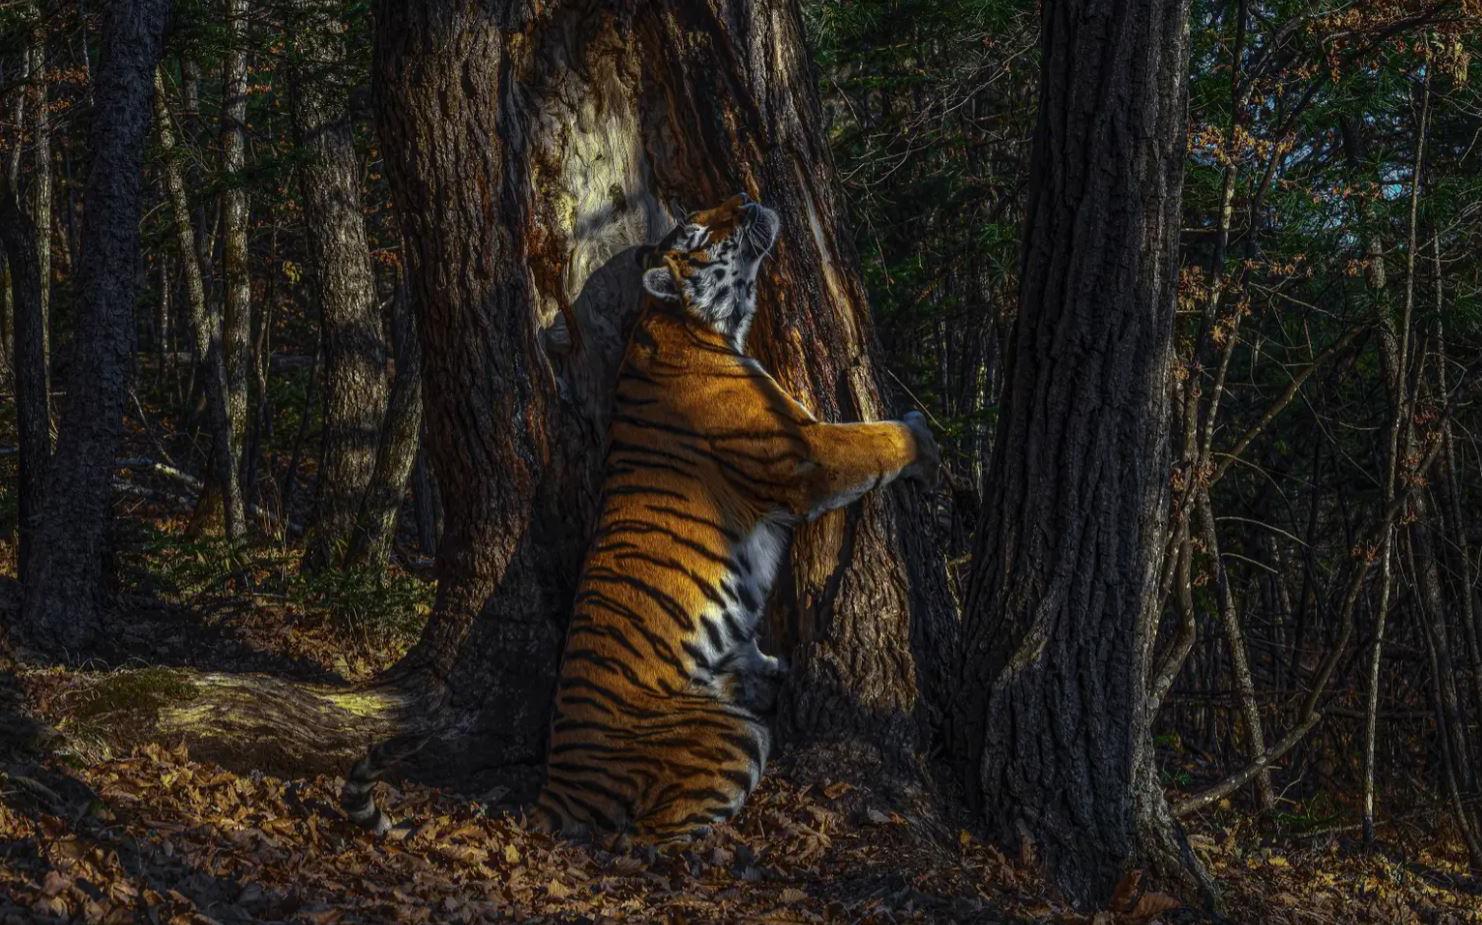 Bộ sưu tập ảnh thiên nhiên của năm: Hổ Sibera ôm cây, chú khỉ 'chill' và con kiến bám lấy bọ cánh cam